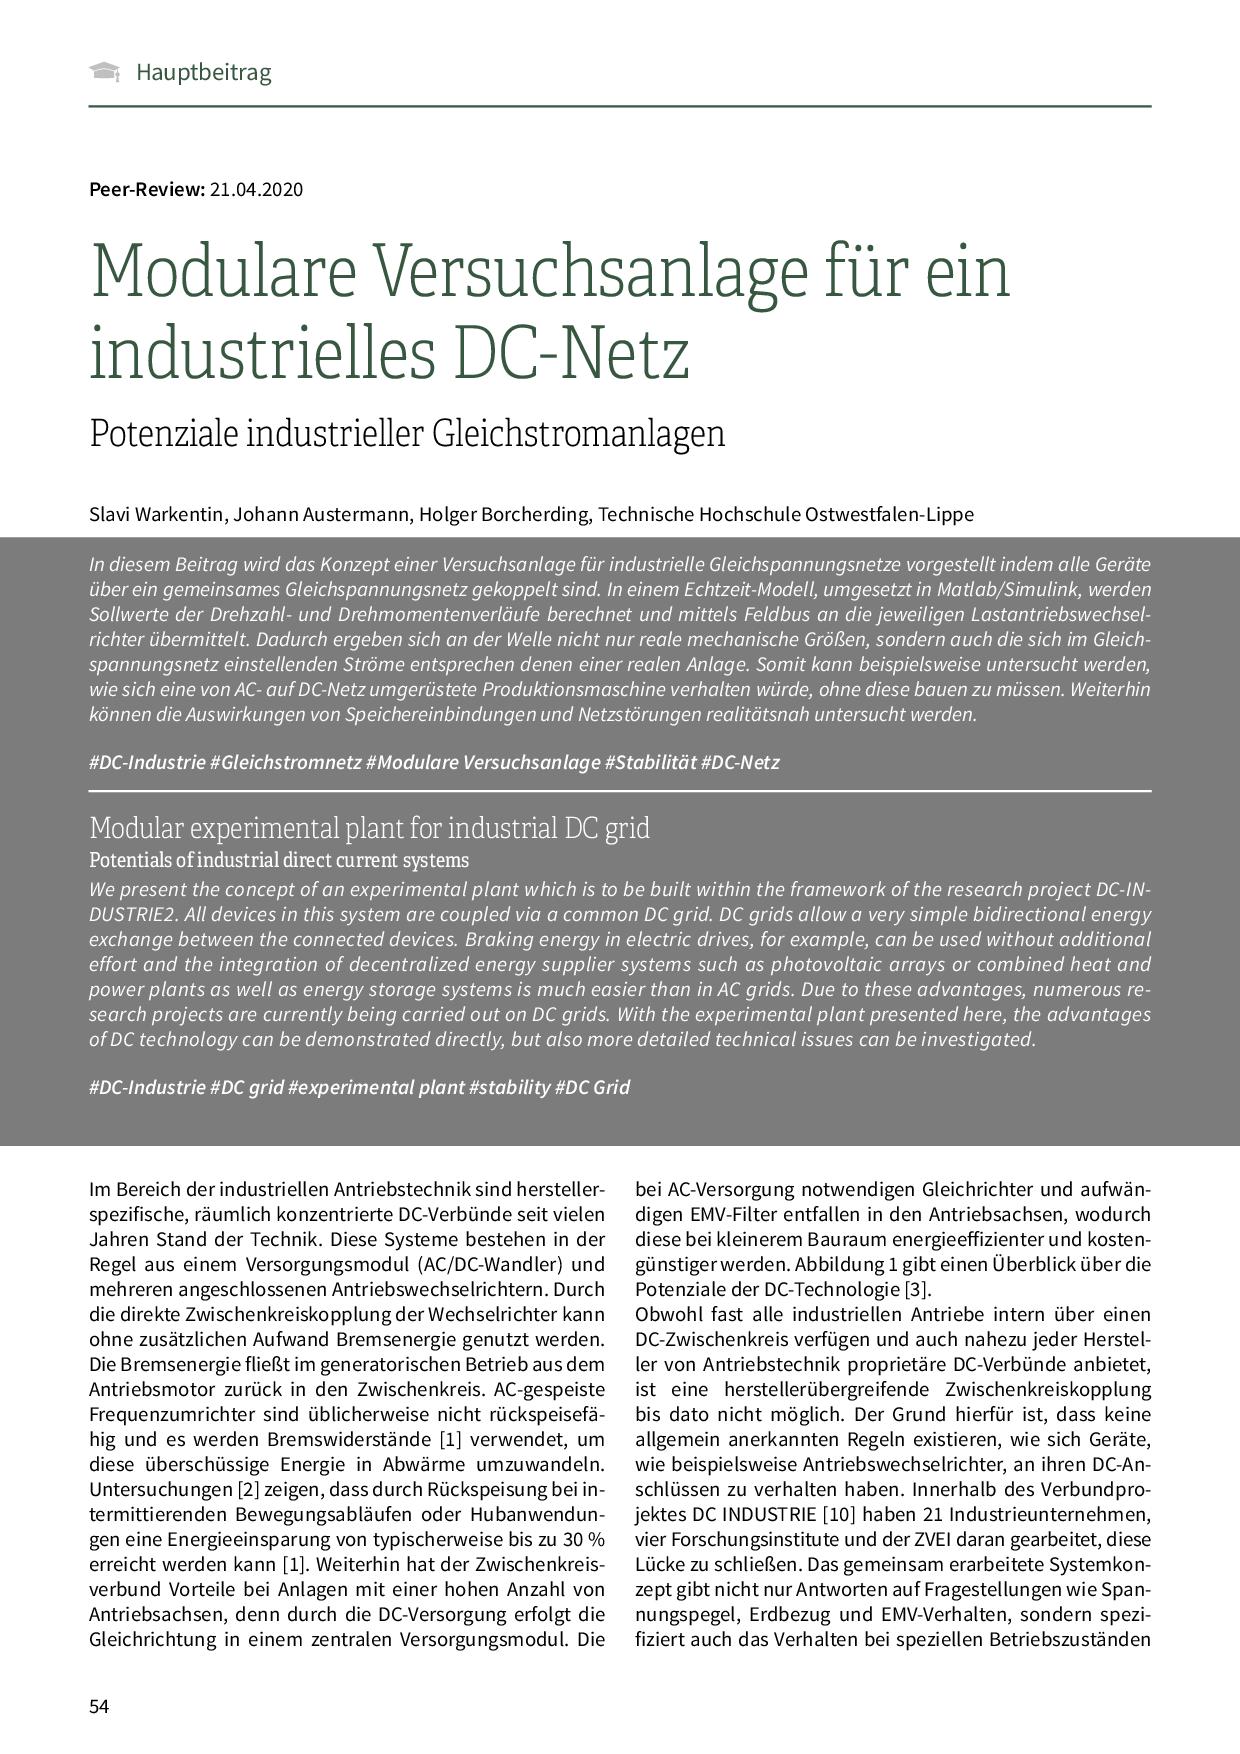 Modulare Versuchsanlage für ein industrielles DC-Netz